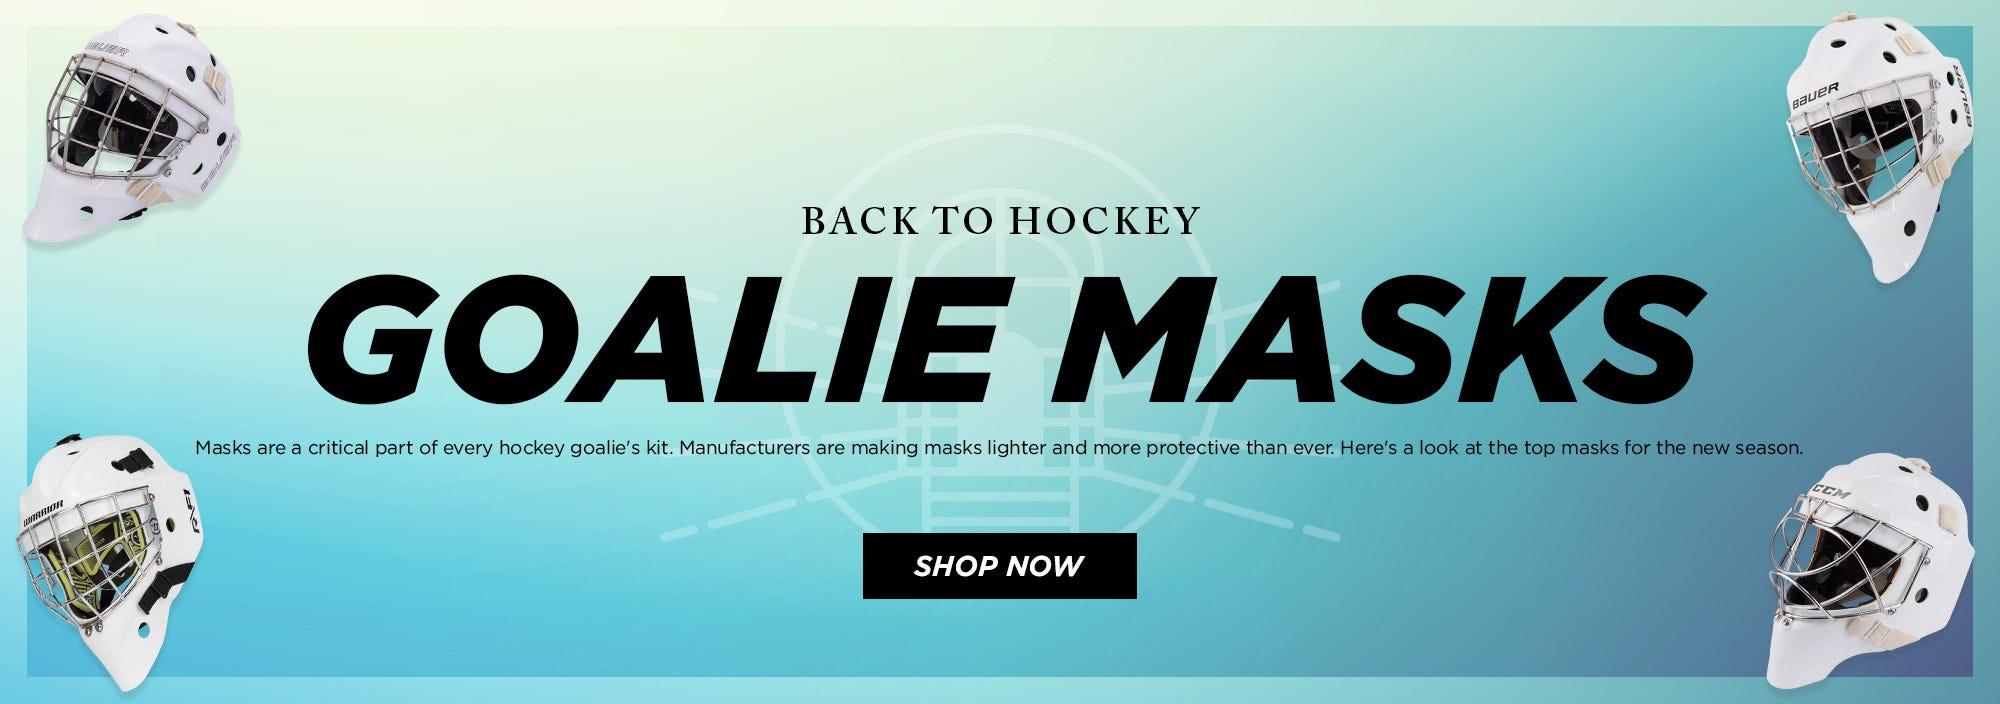 Back to Hockey: Masks